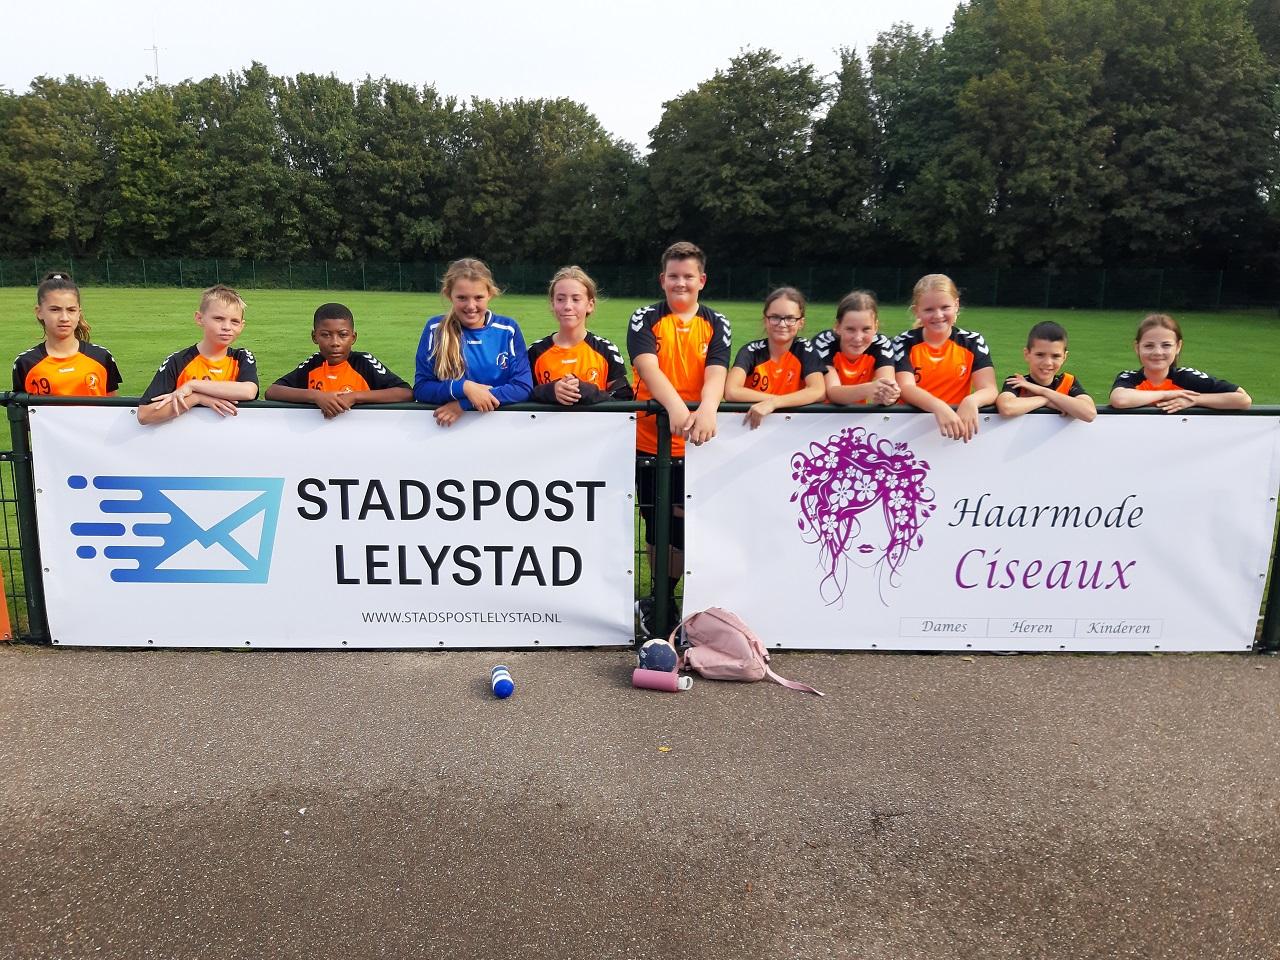 https://handbalvereniginglelystad.nl/wp-content/uploads/2020/09/D1_1280.jpg